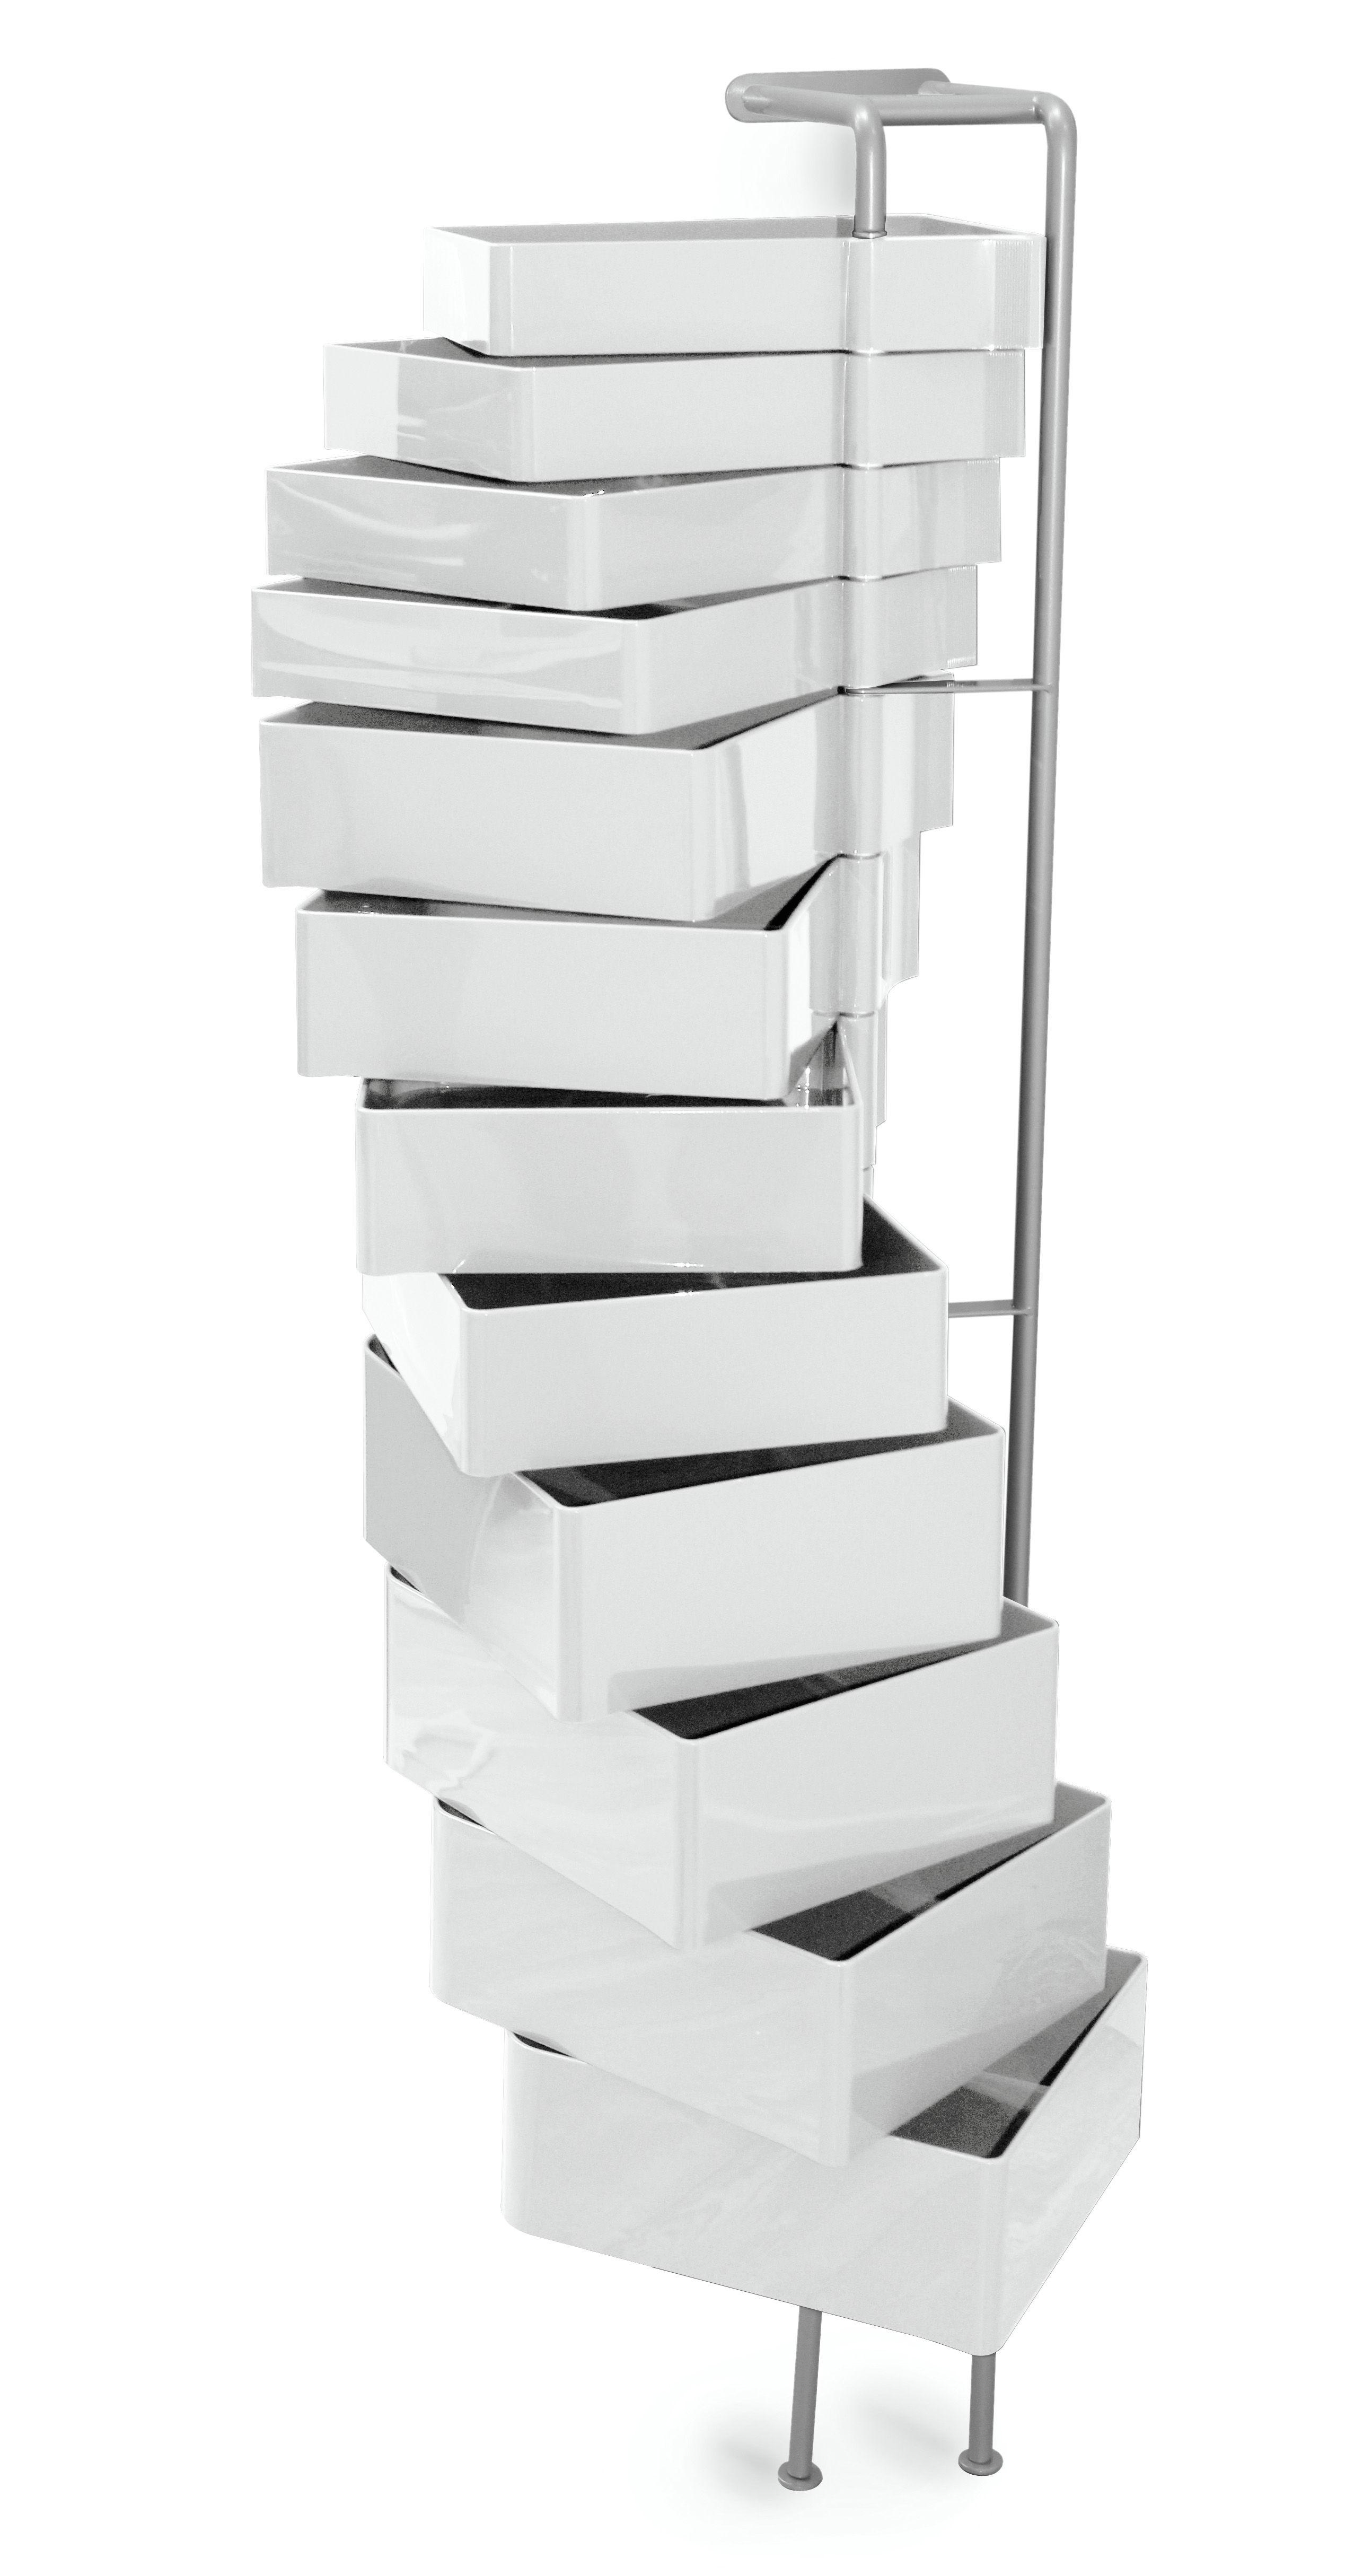 Möbel - Aufbewahrungsmöbel - Spinny Wandablage - B-LINE - Weiß - ABS, gefirnister Stahl